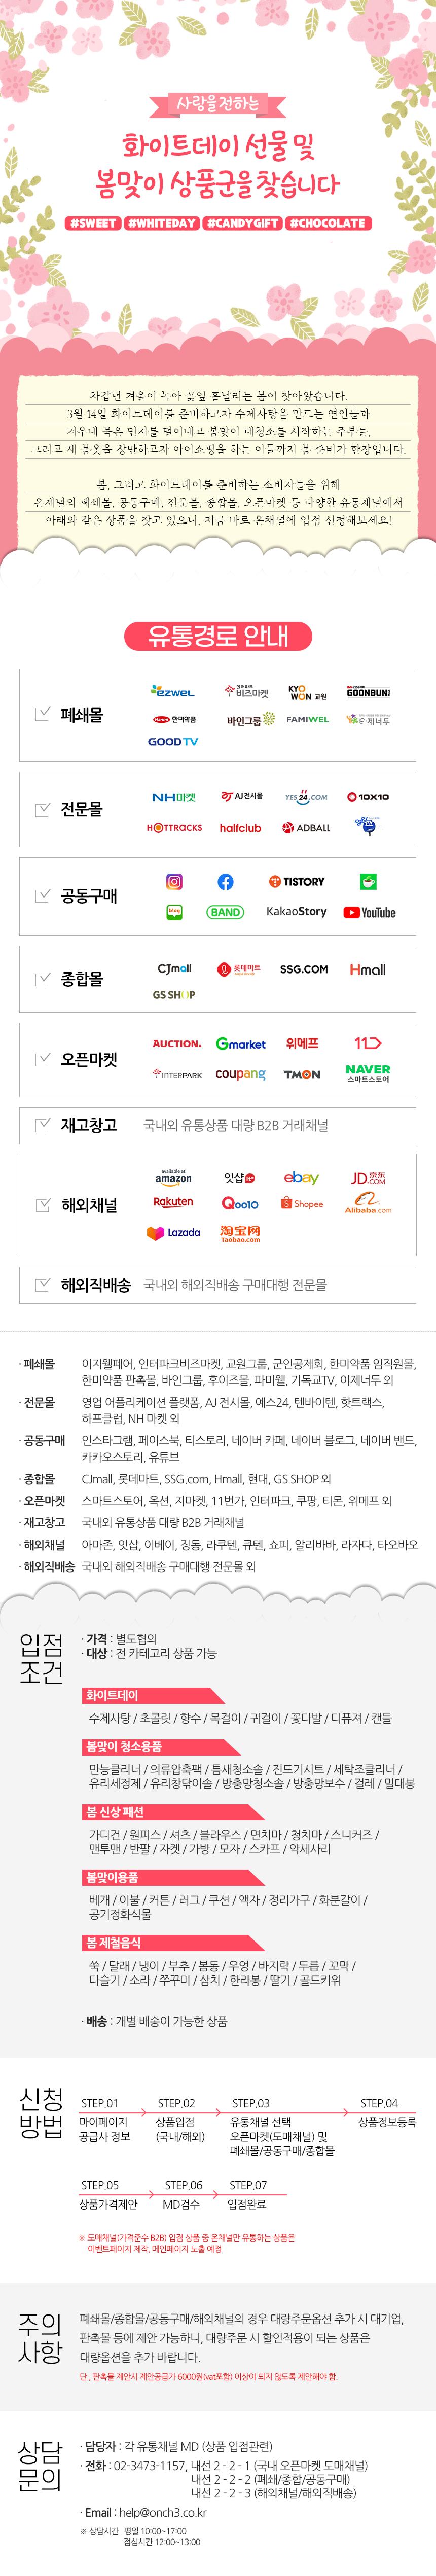 210219_3월_수정.png